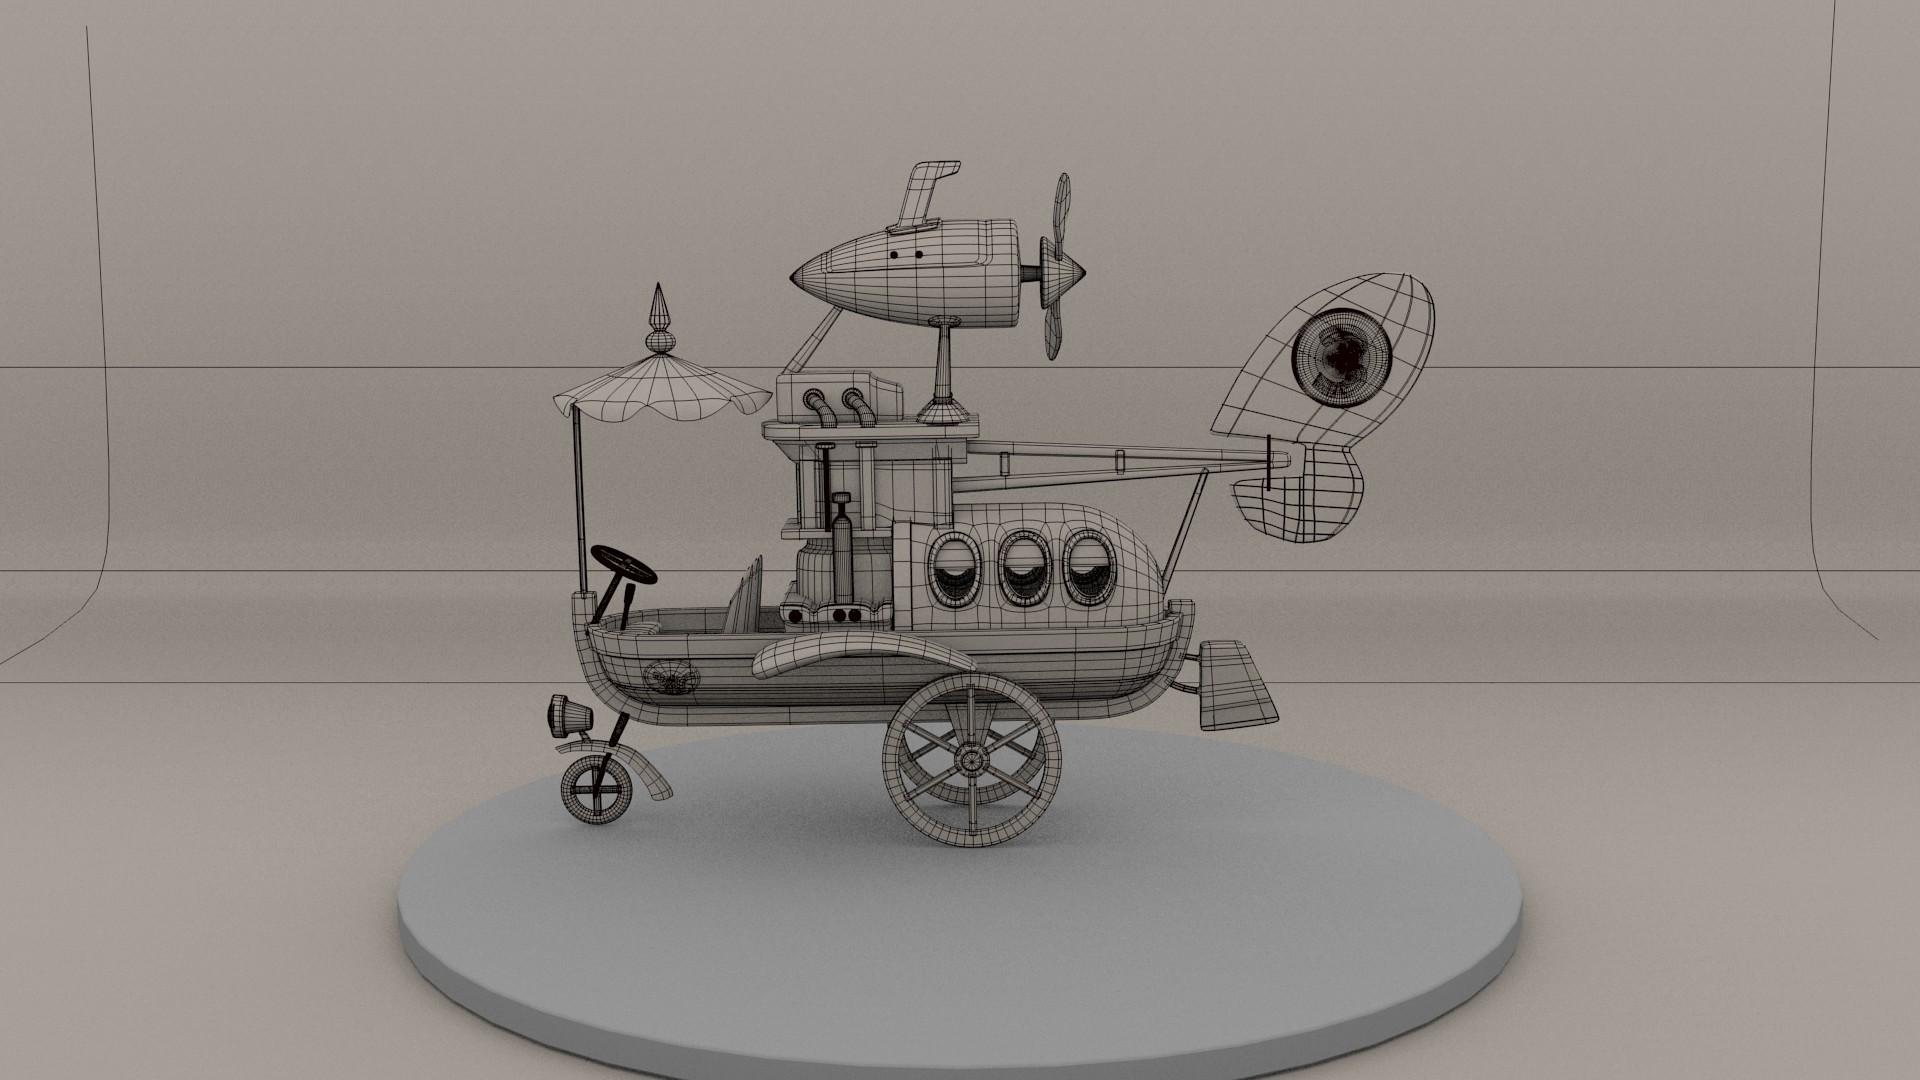 Los autos locos wacky races soliman-03-wire_el_auto_convertible.jpg